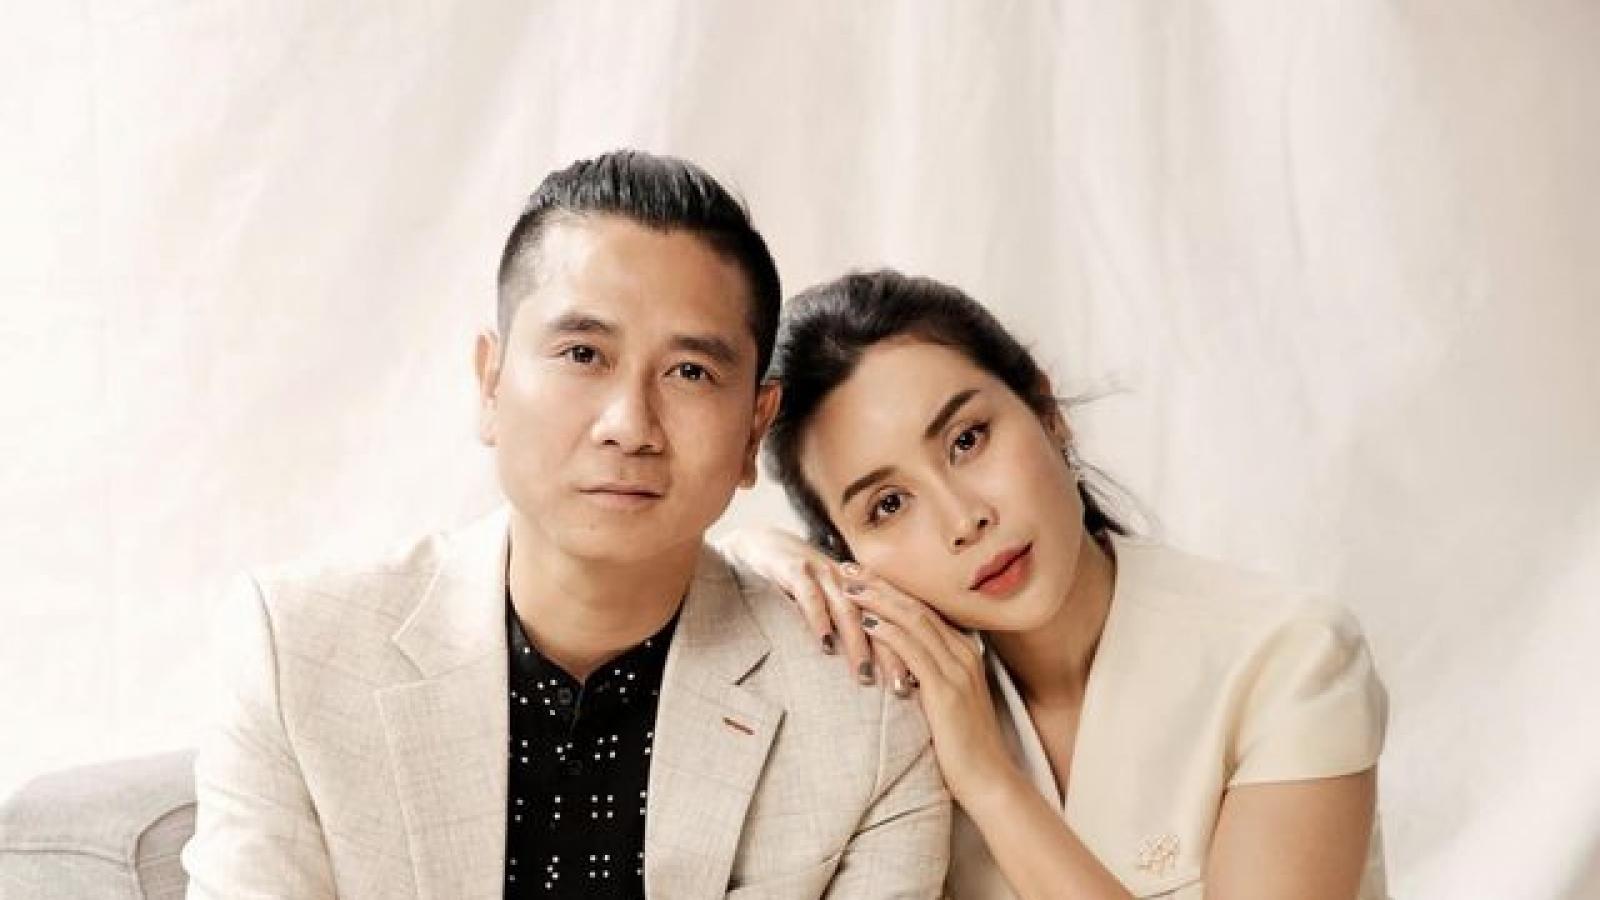 Vợ chồng Lưu Hương Giang chụp ảnh theo phong cách... vua Bảo Đại và Song Hye Kyo